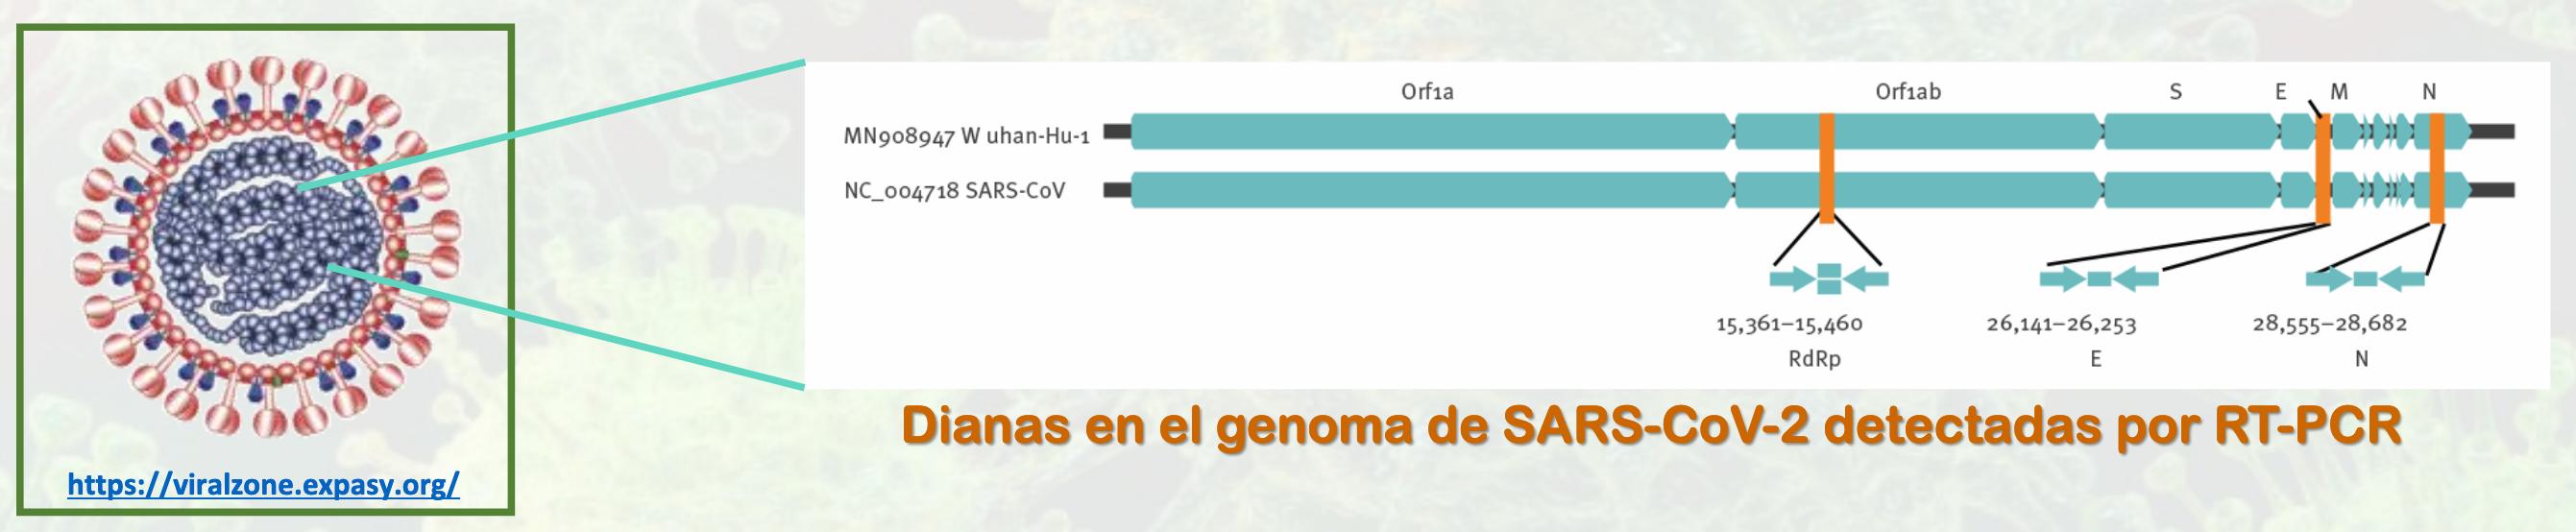 Ardea serviciosAmbientales, Ardeambiental, medioambiente, Covid-19, 3